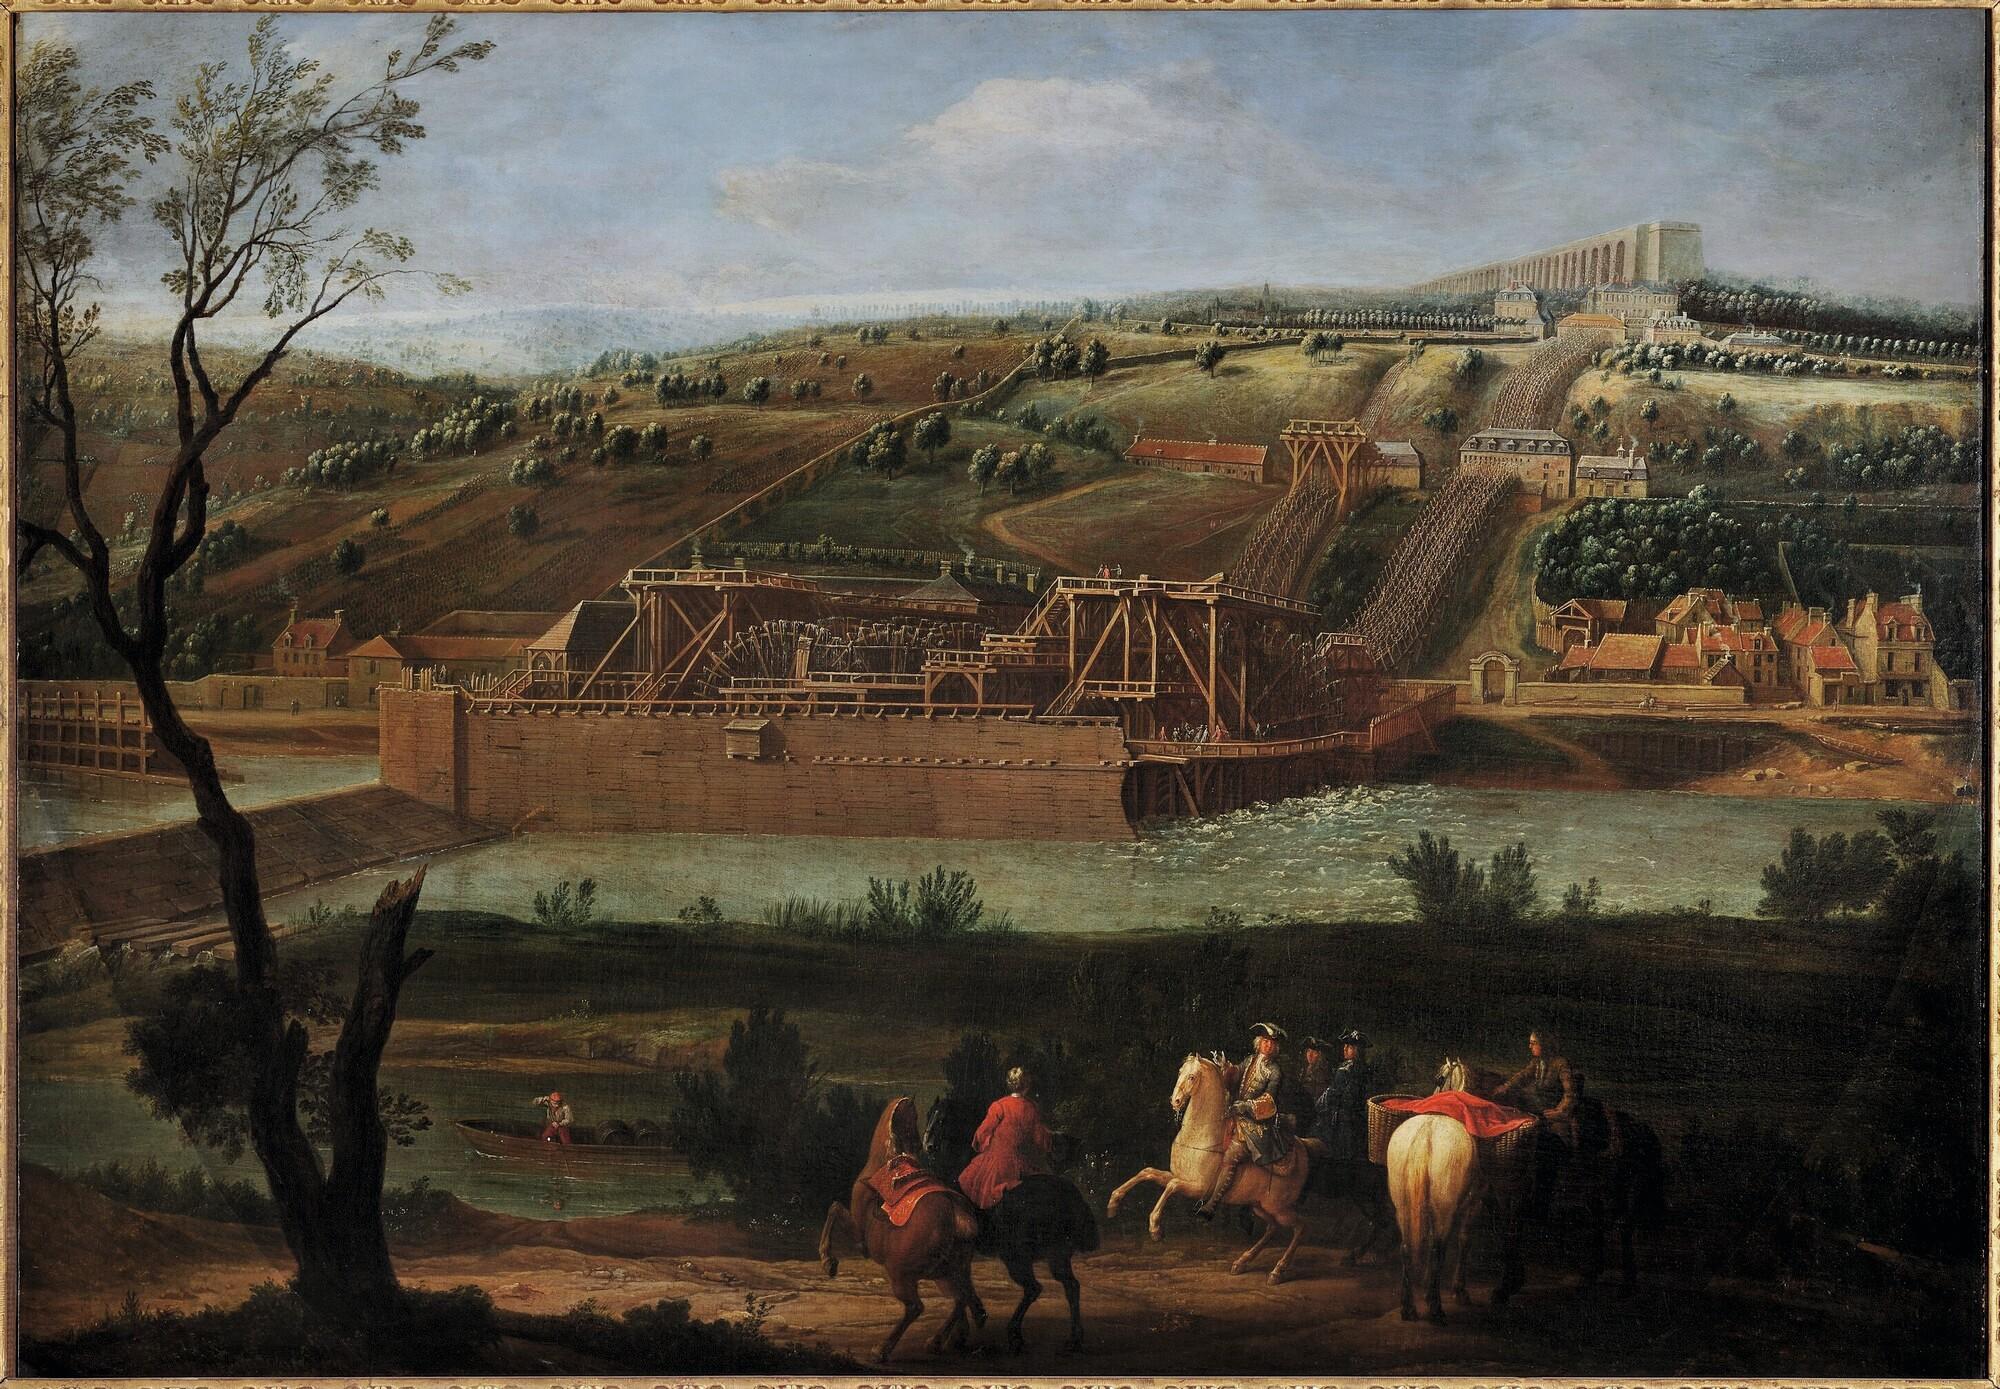 Pierre-Denis Martin, La Machine de Marly, 1723, huile sur toile